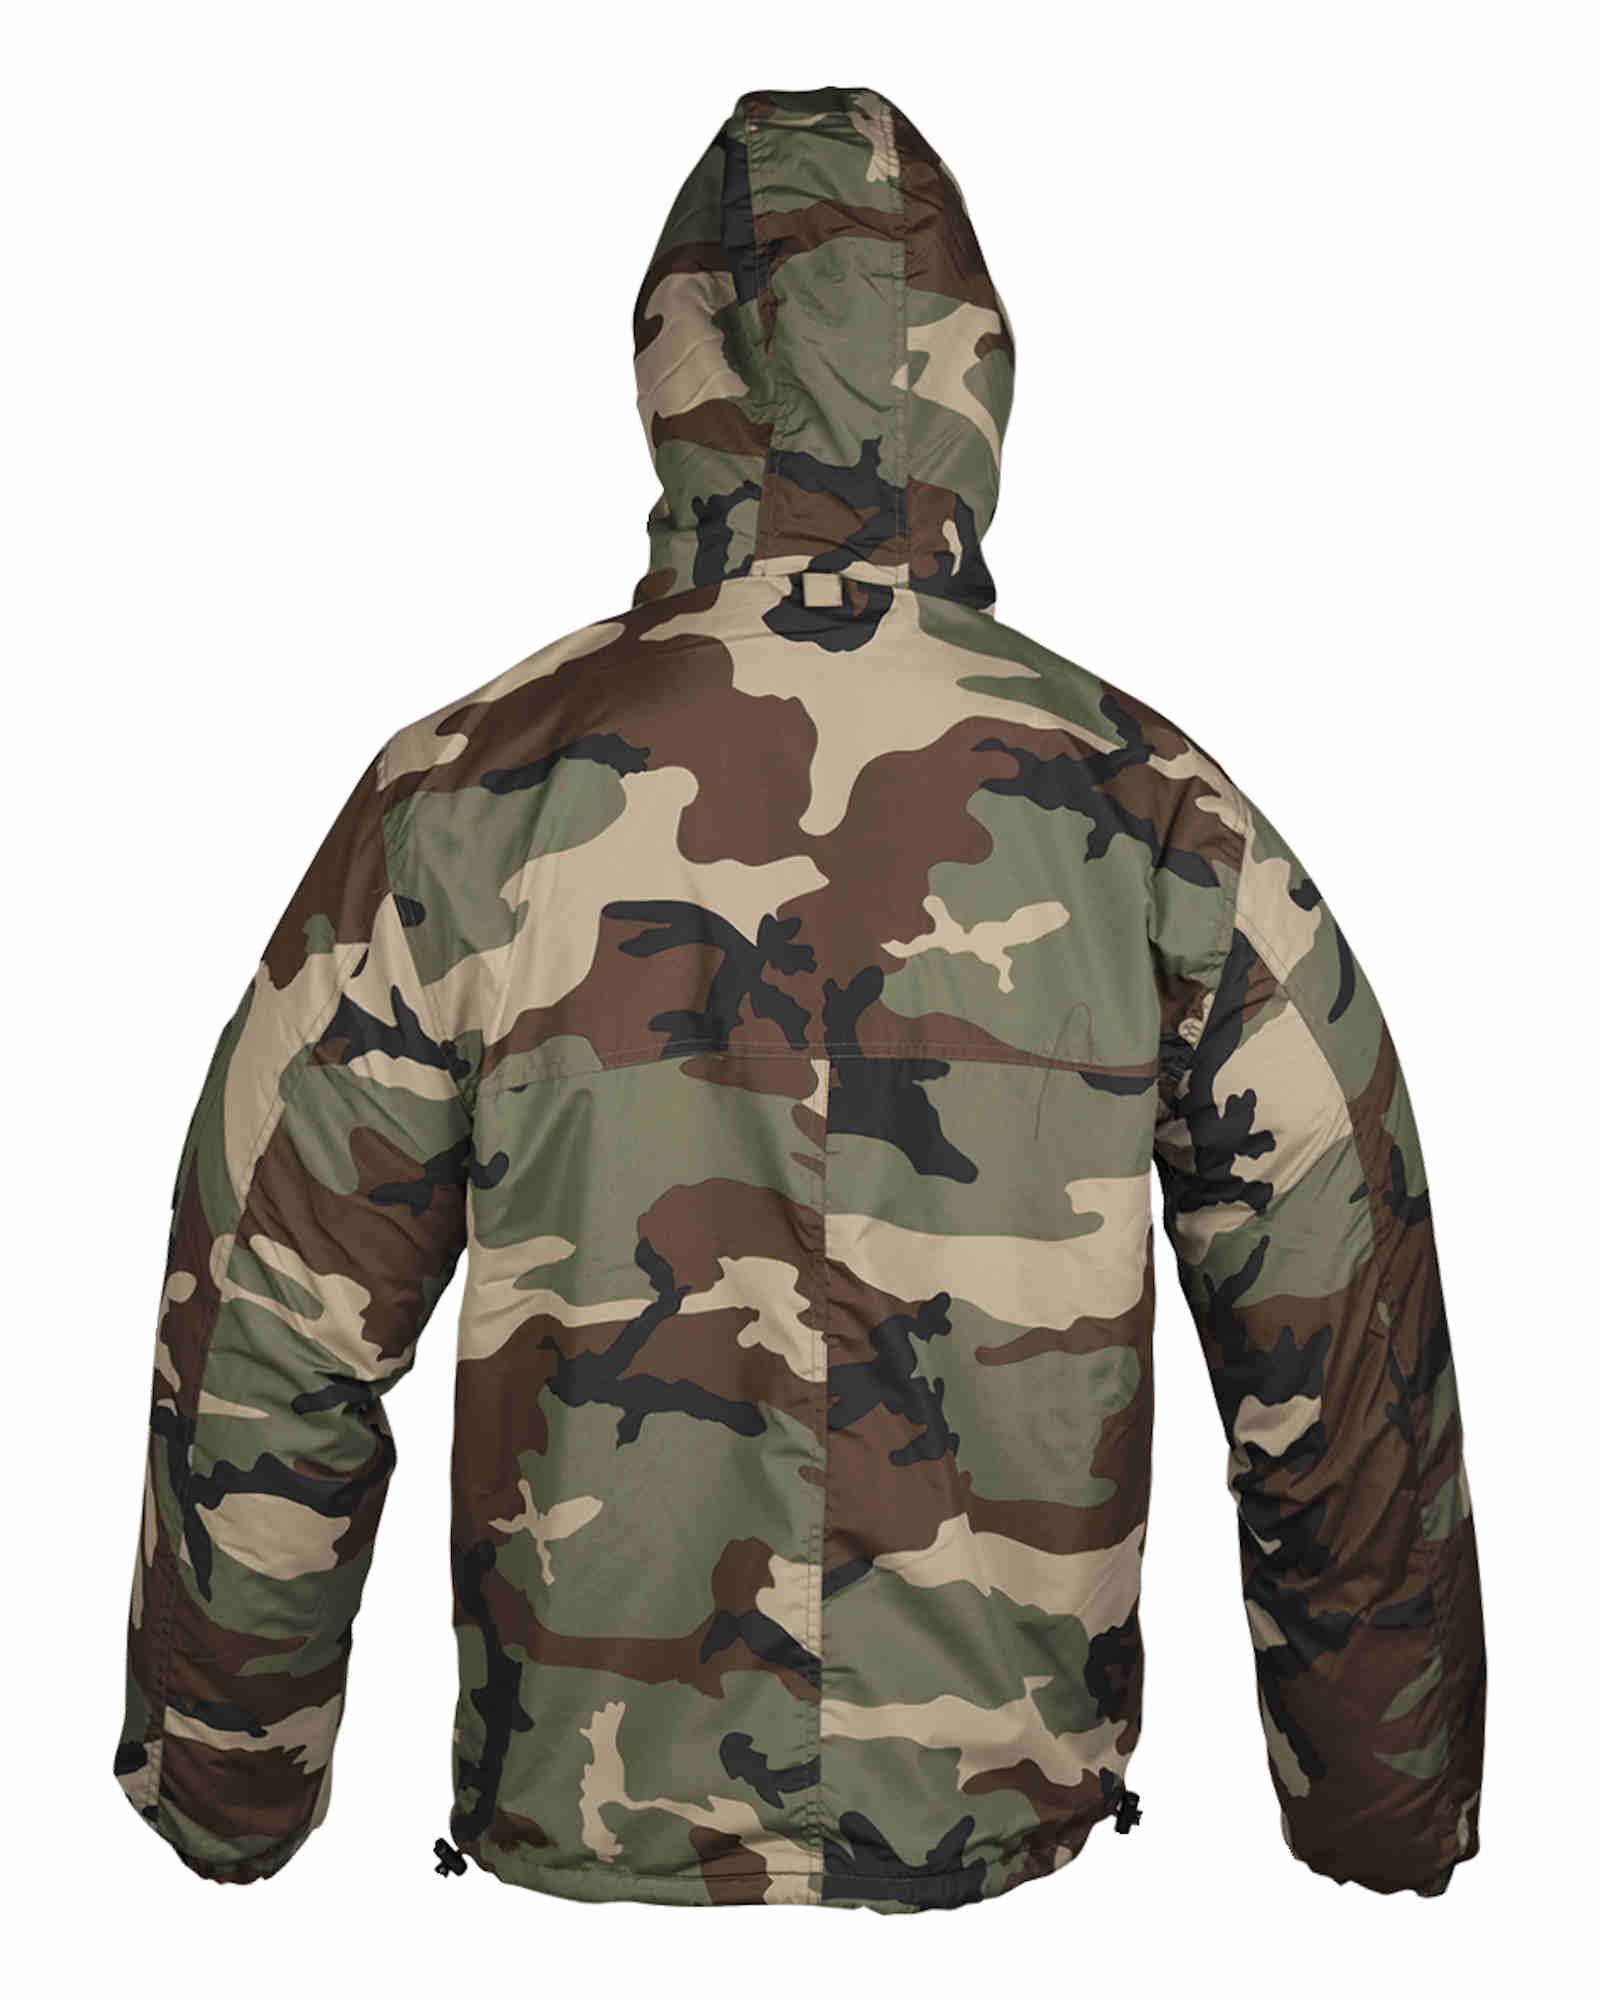 Mil-tec mil-tec Combat anorak invierno Woodland chaquetas de invierno